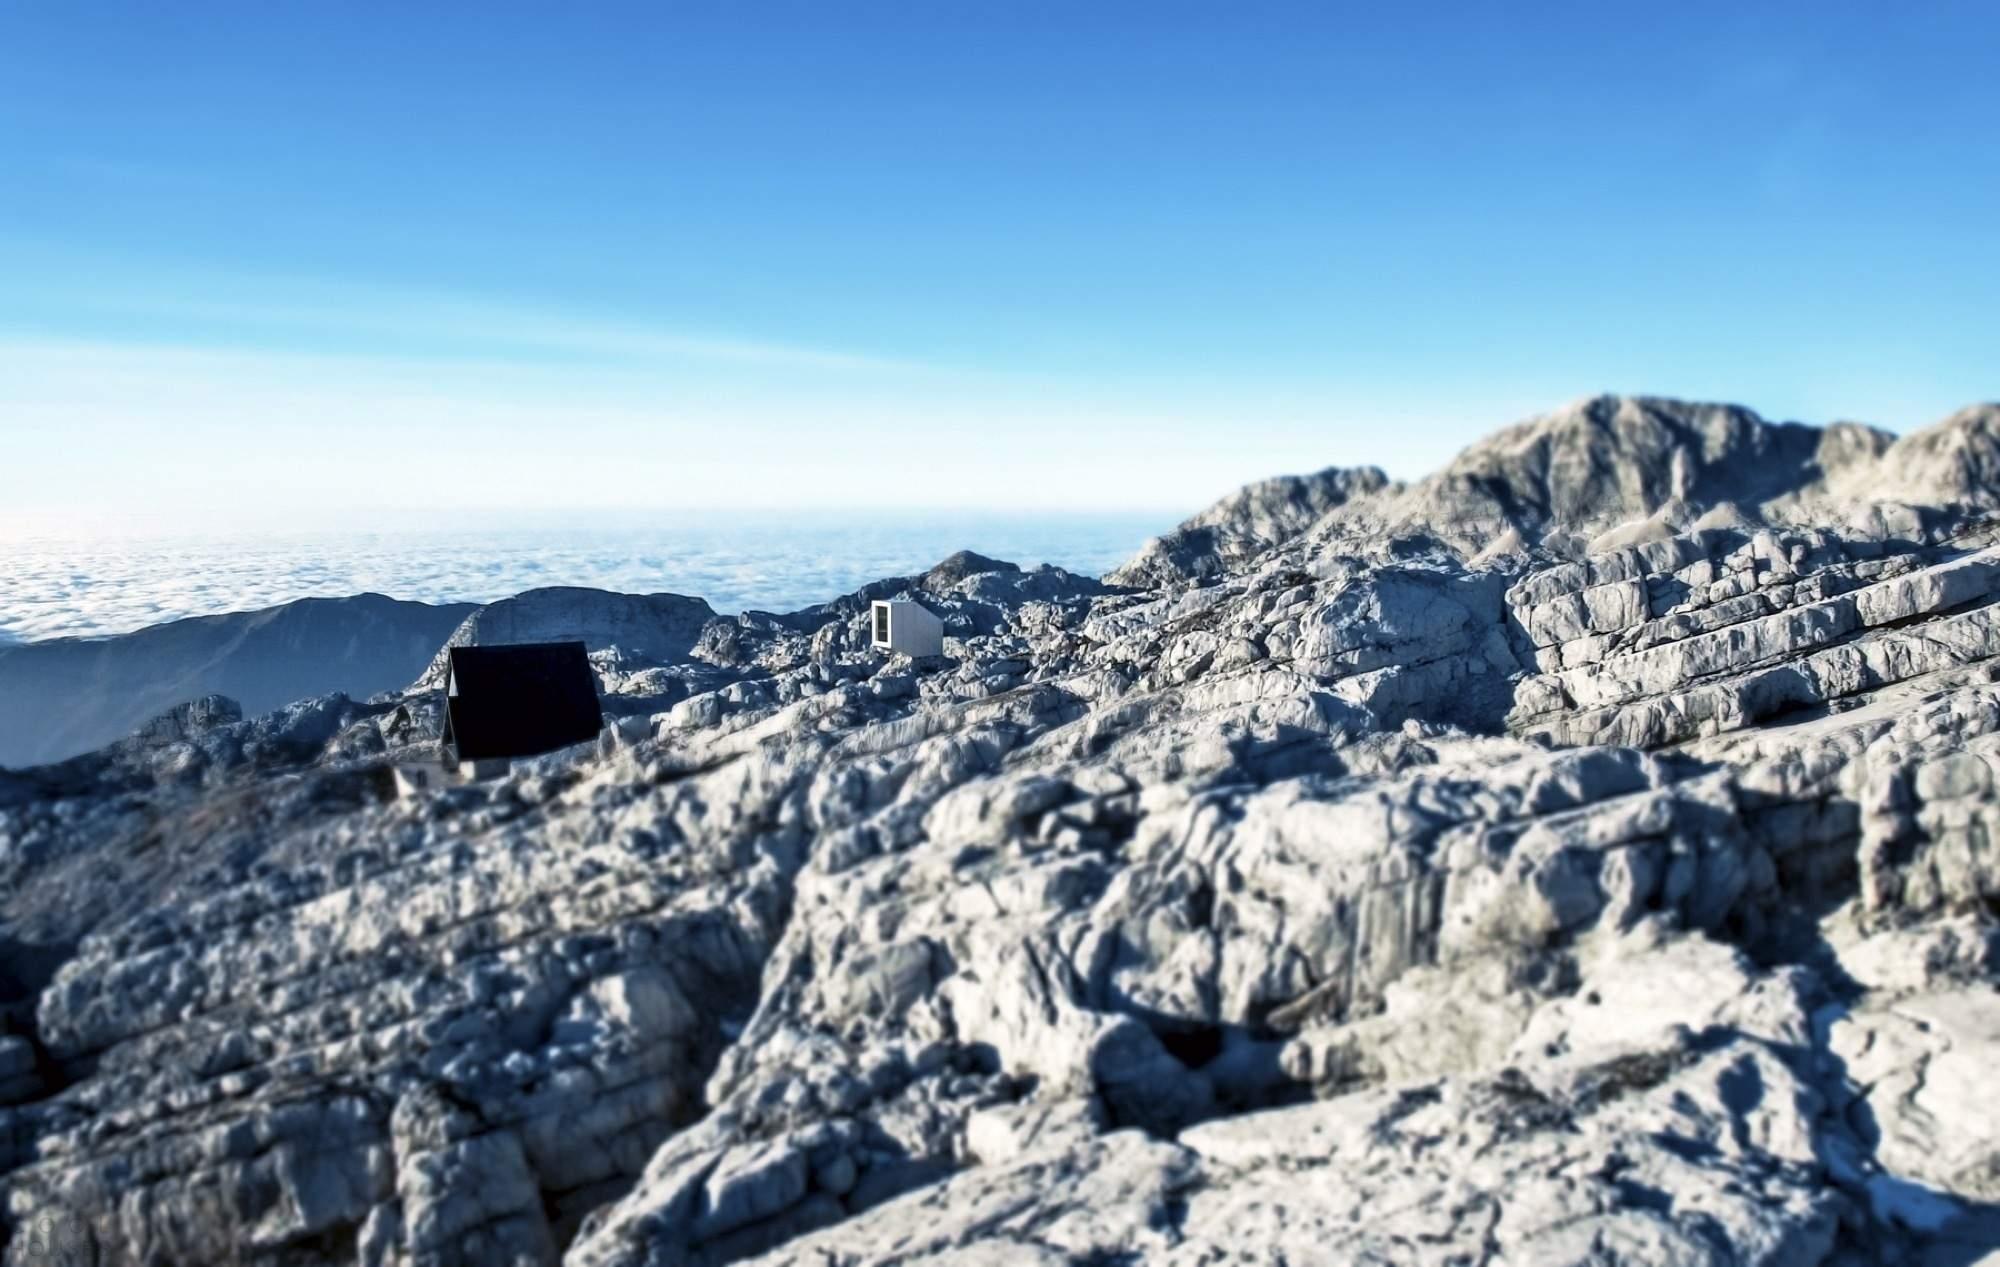 Приют для альпинистов на горе Канин в Словении